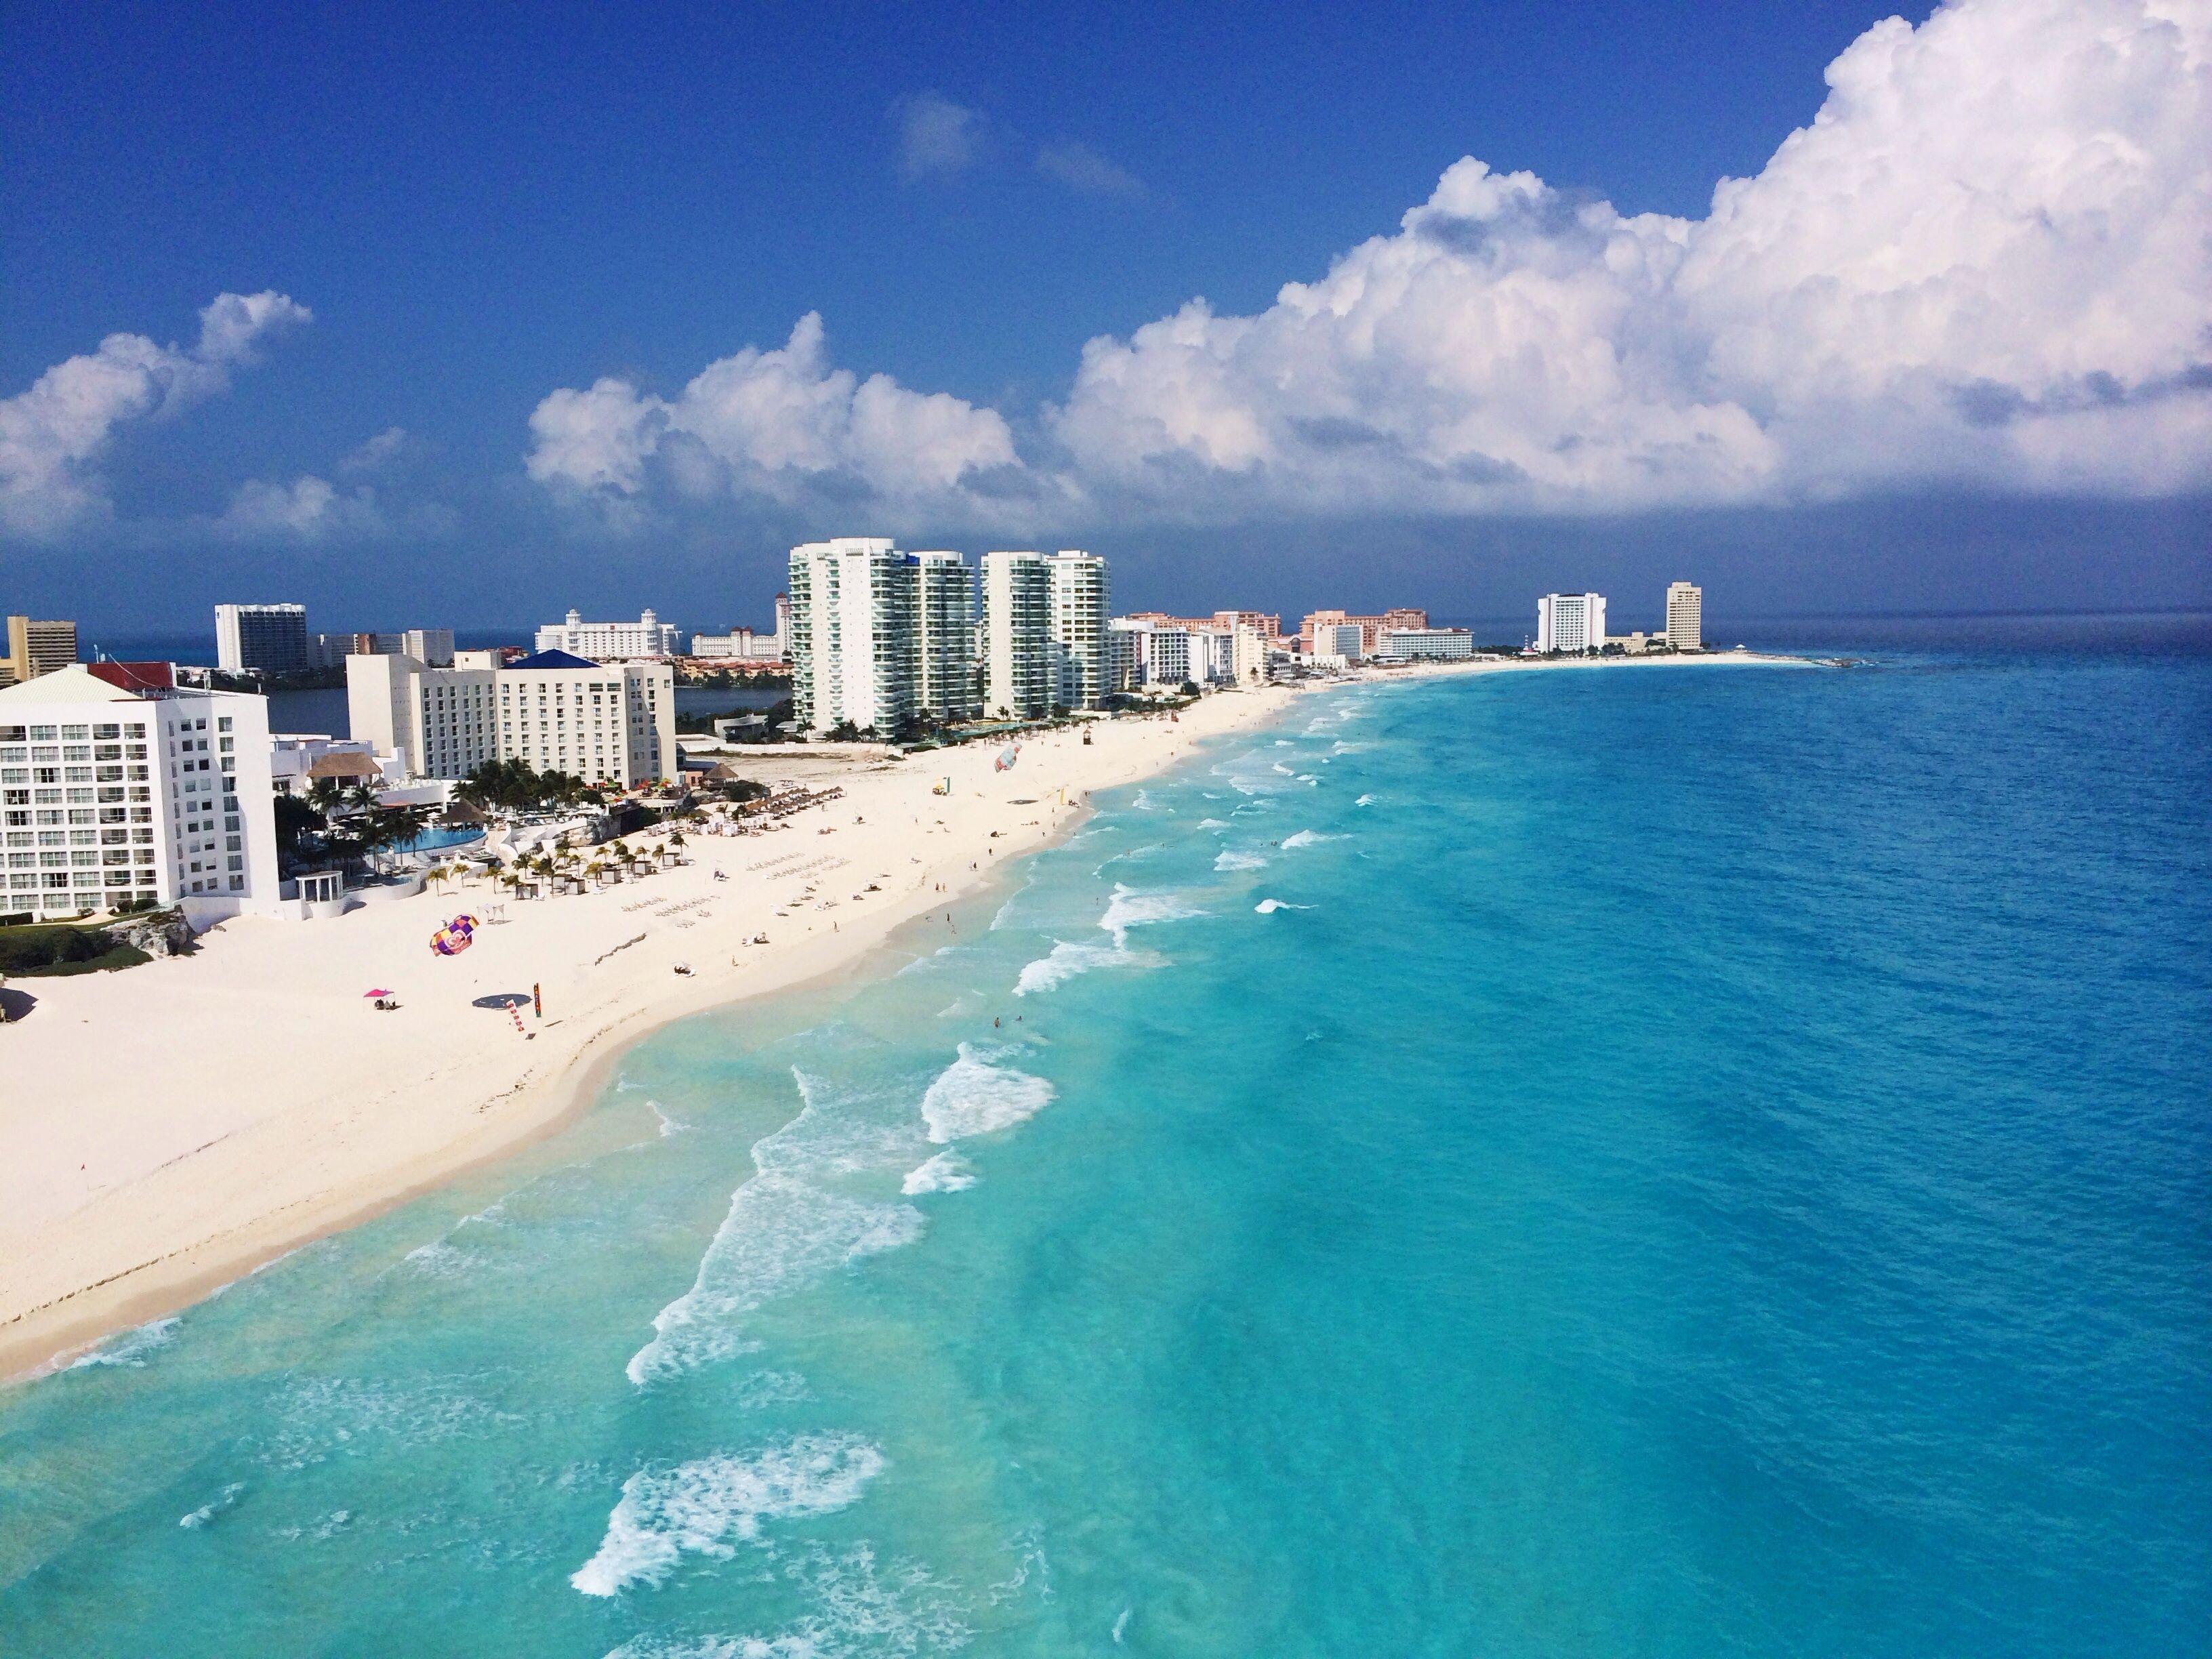 El mejor trabajo del mundo: 10 mil dólares por mes por vivir de vacaciones